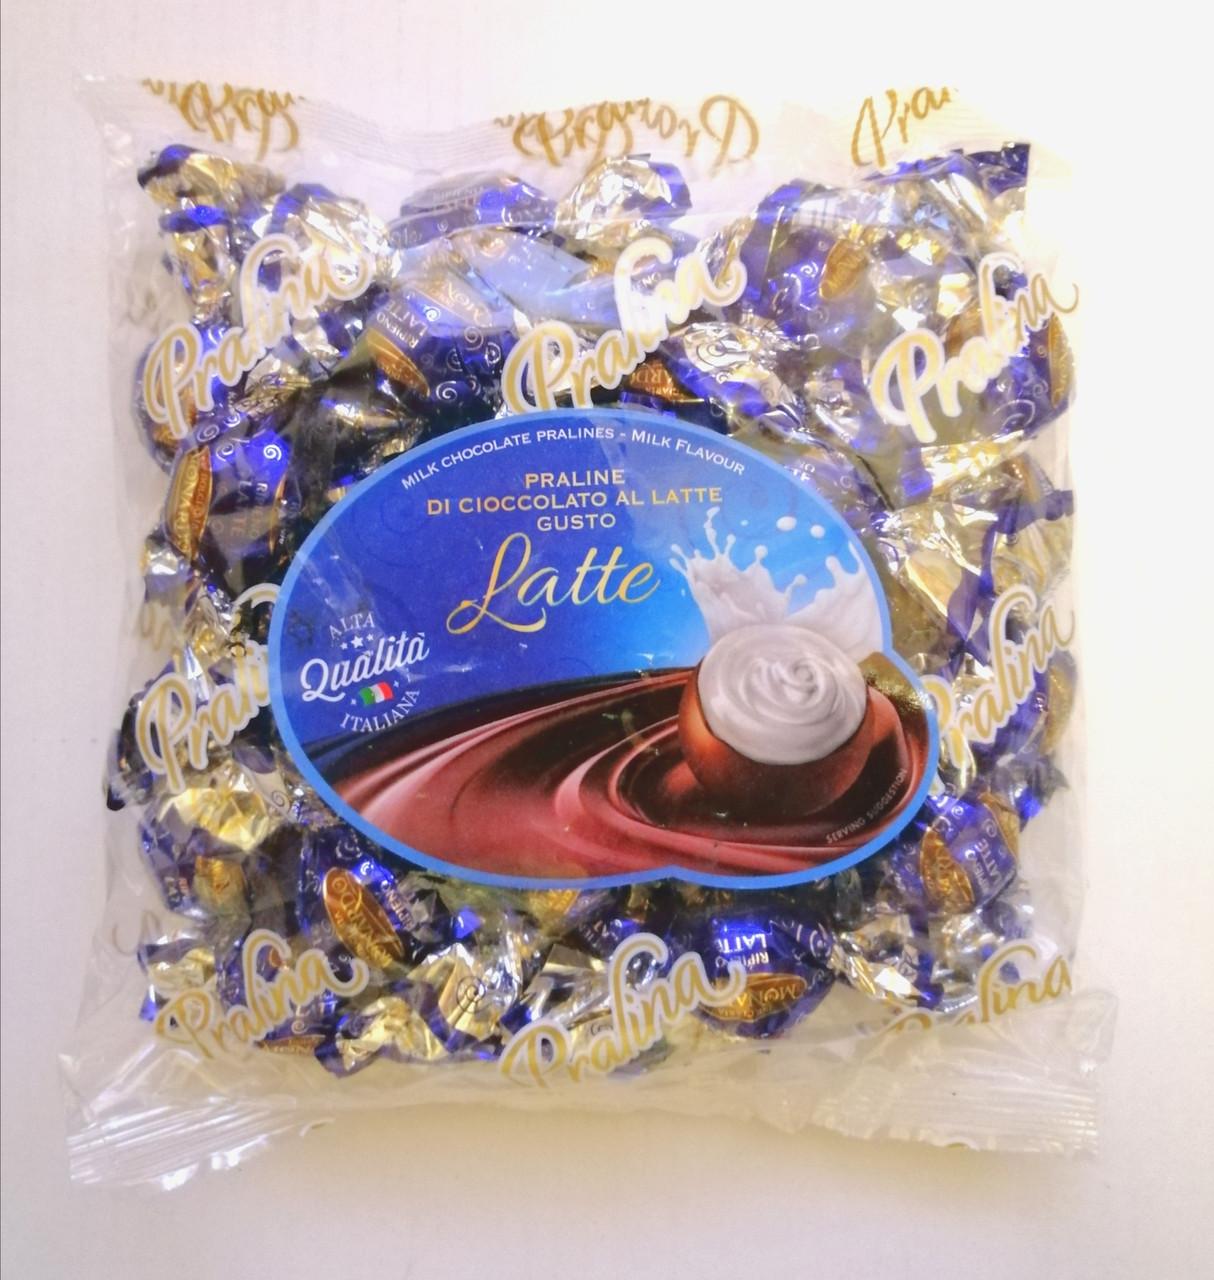 Шоколадные конфеты «Dolciaria Monardo Pralines» с молочным пралине 450 грамм, Италия